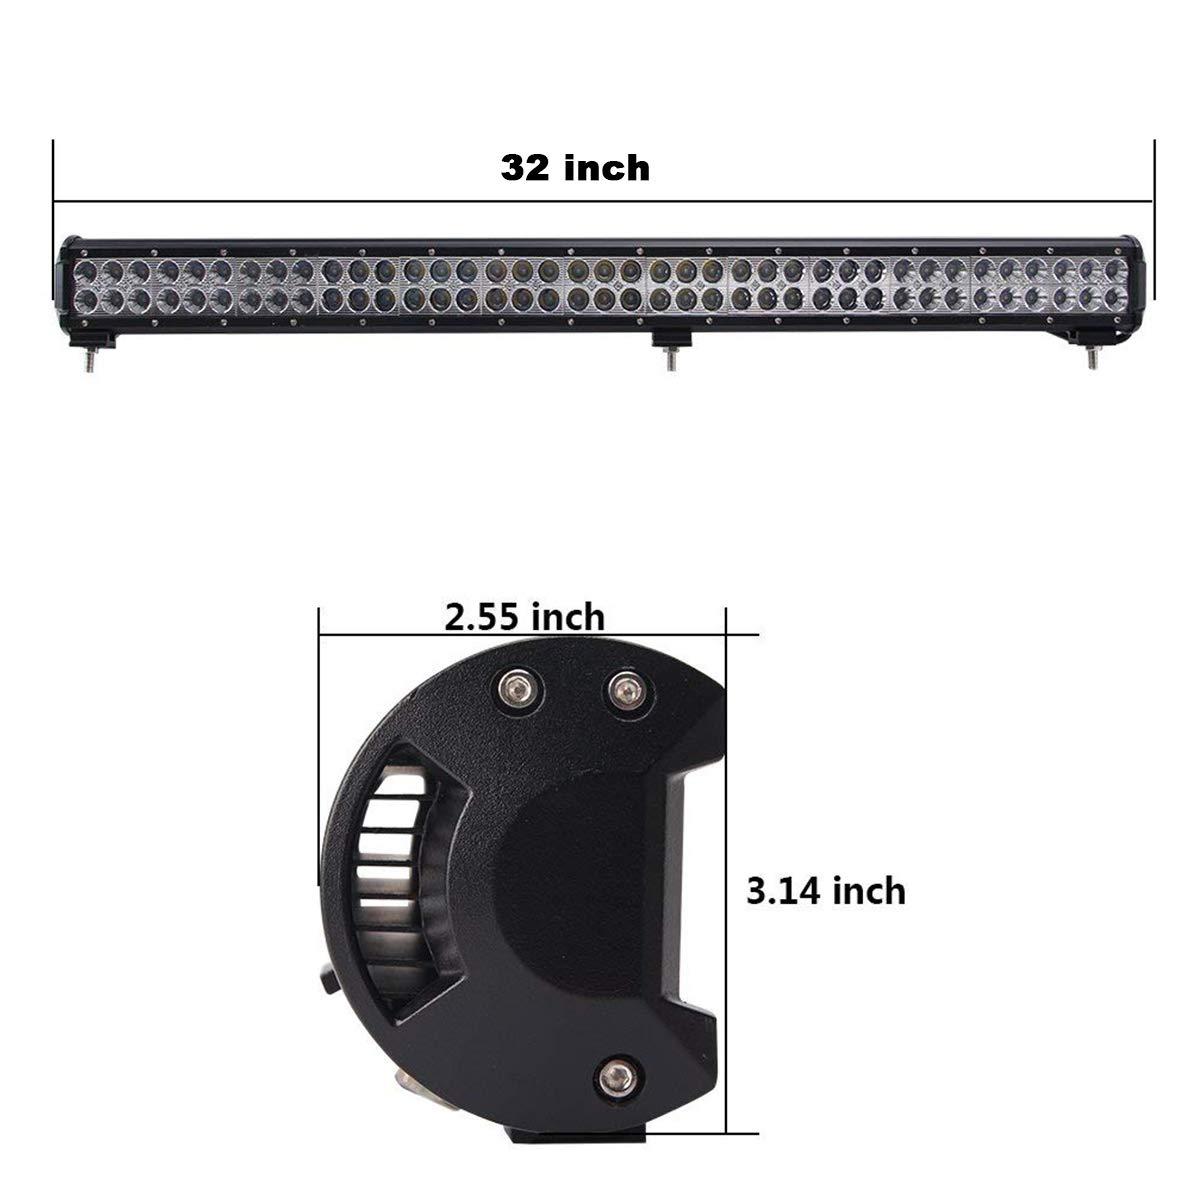 Willpower 44 pouces a men/é le combo imperm/éable de barre lumineuse 288W imperm/éable /à leau de tache combin/ée offroad conduisant des lumi/ères de travail de brouillard pour lATV bateau camion 4WD